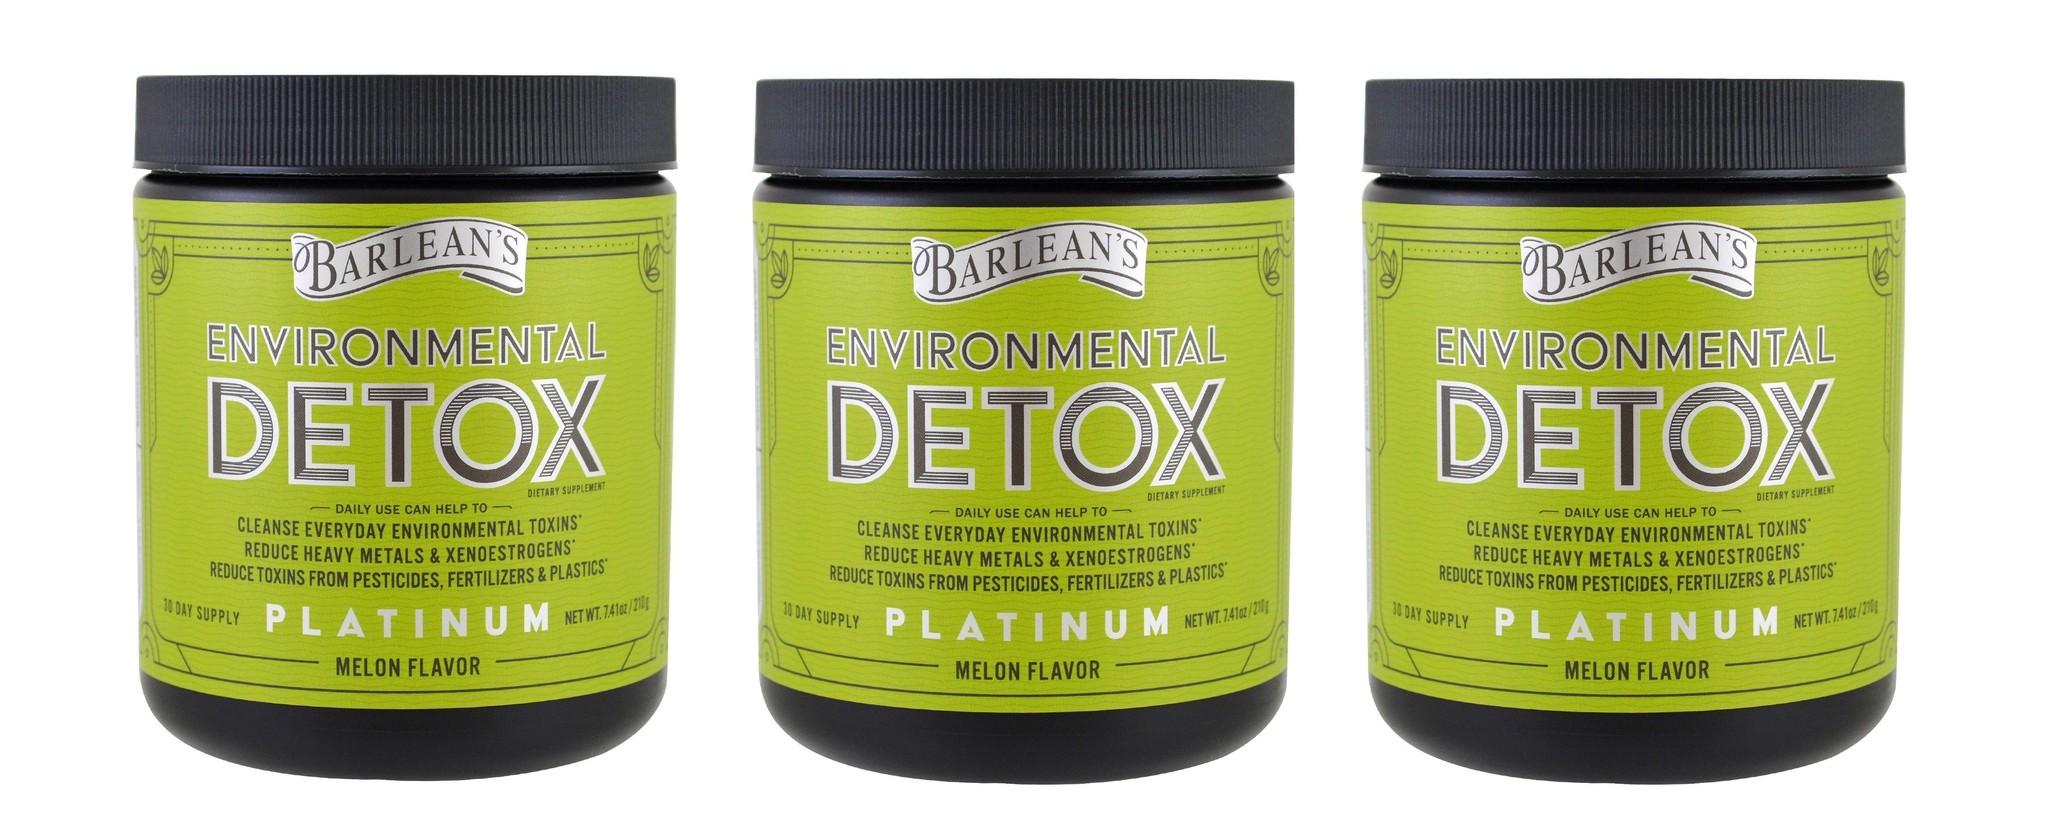 Barlean's Environmental Detox, Melon Flavor, 7.41 oz (210 g), 3-pack